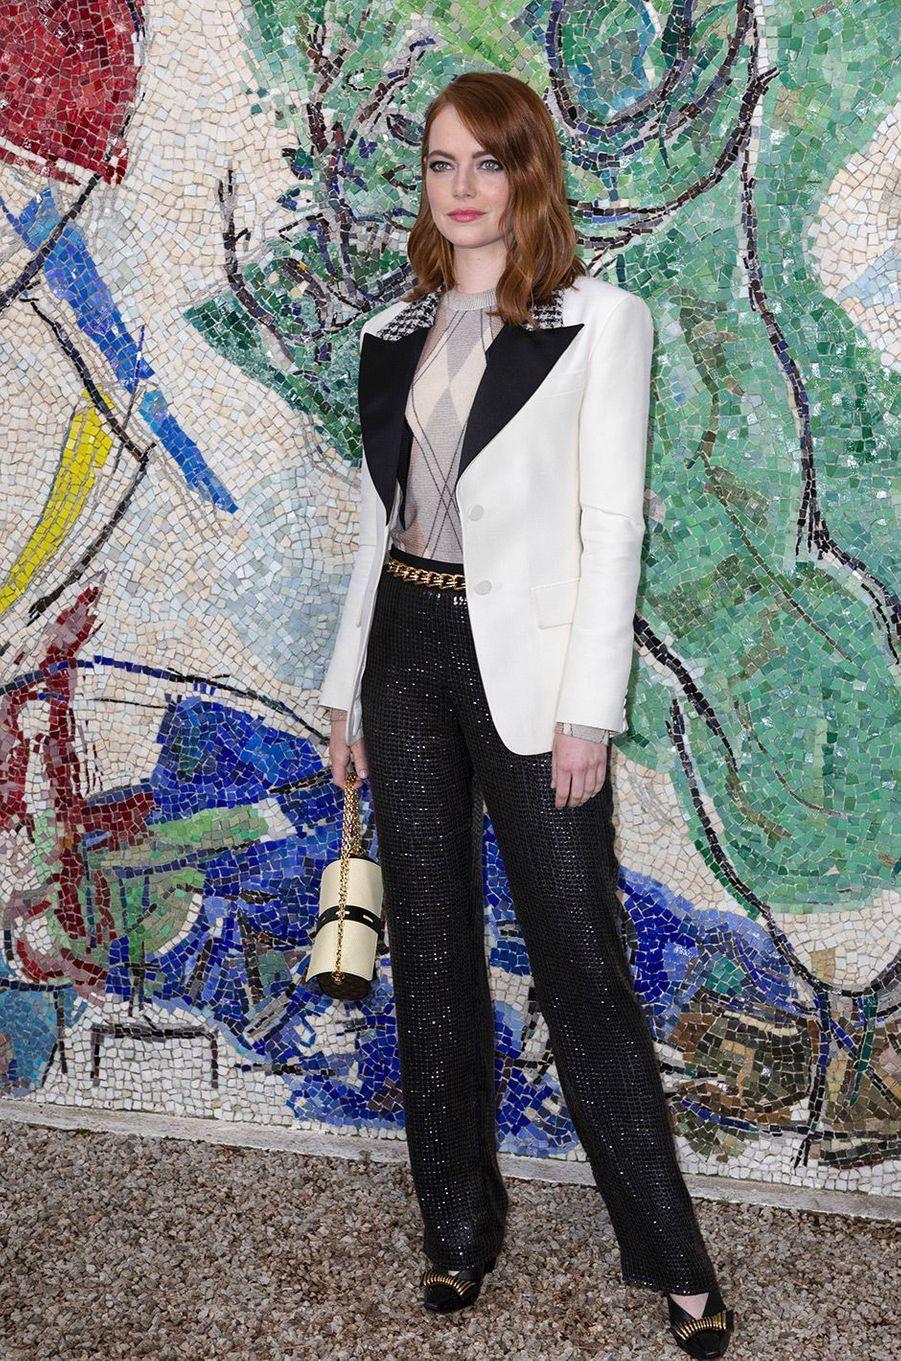 Emma Stone au défilé Louis Vuitton à la fondation Maeght lundi 28 mai